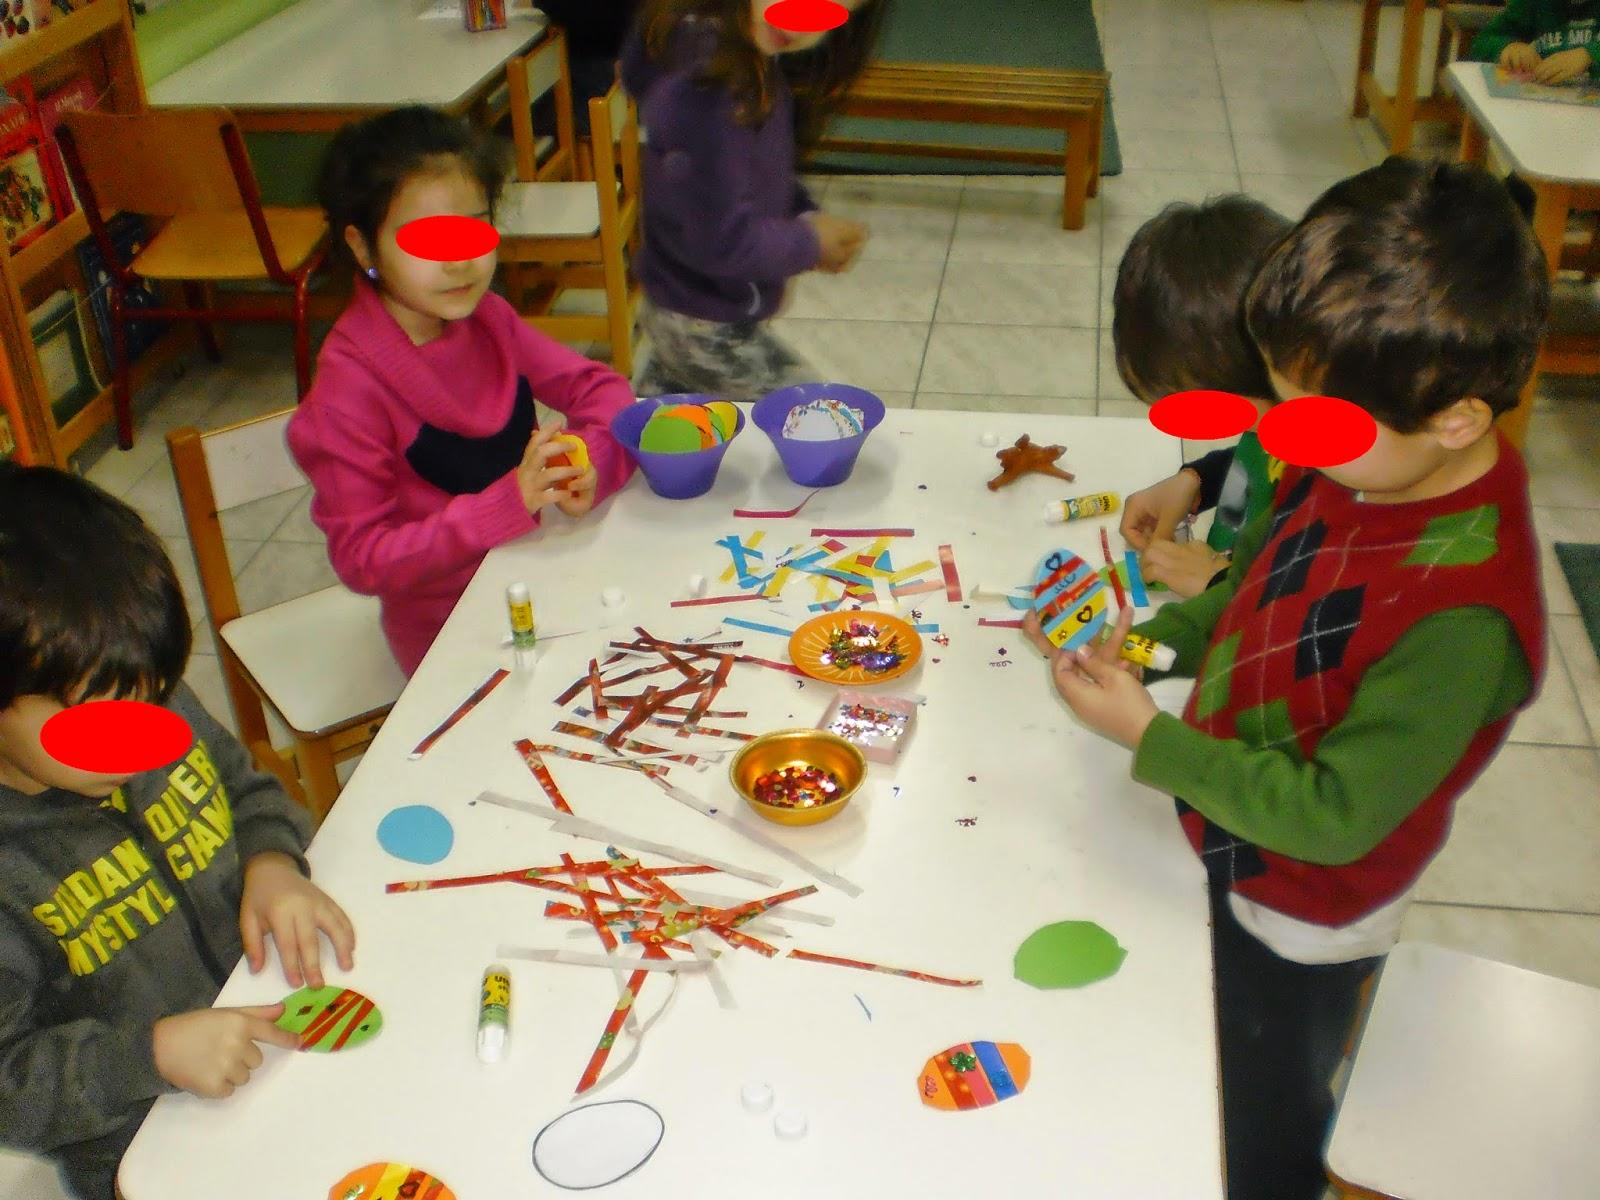 Τα παιδιά  στολίζουν χάρτνα αυγά με πουλιές και χρωματιστά χαρτιά